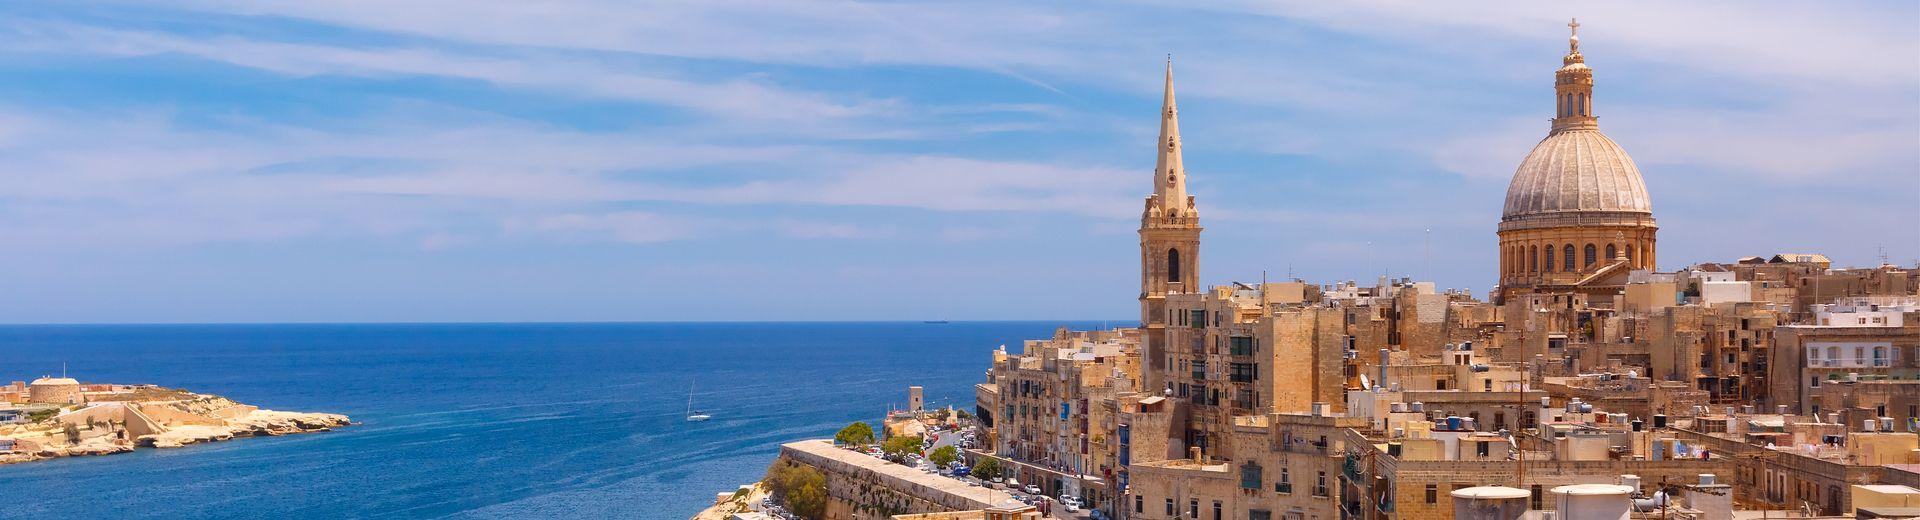 Taufspecial: Mit MSC Grandiosa zum Top-Preis ins Mittelmeer